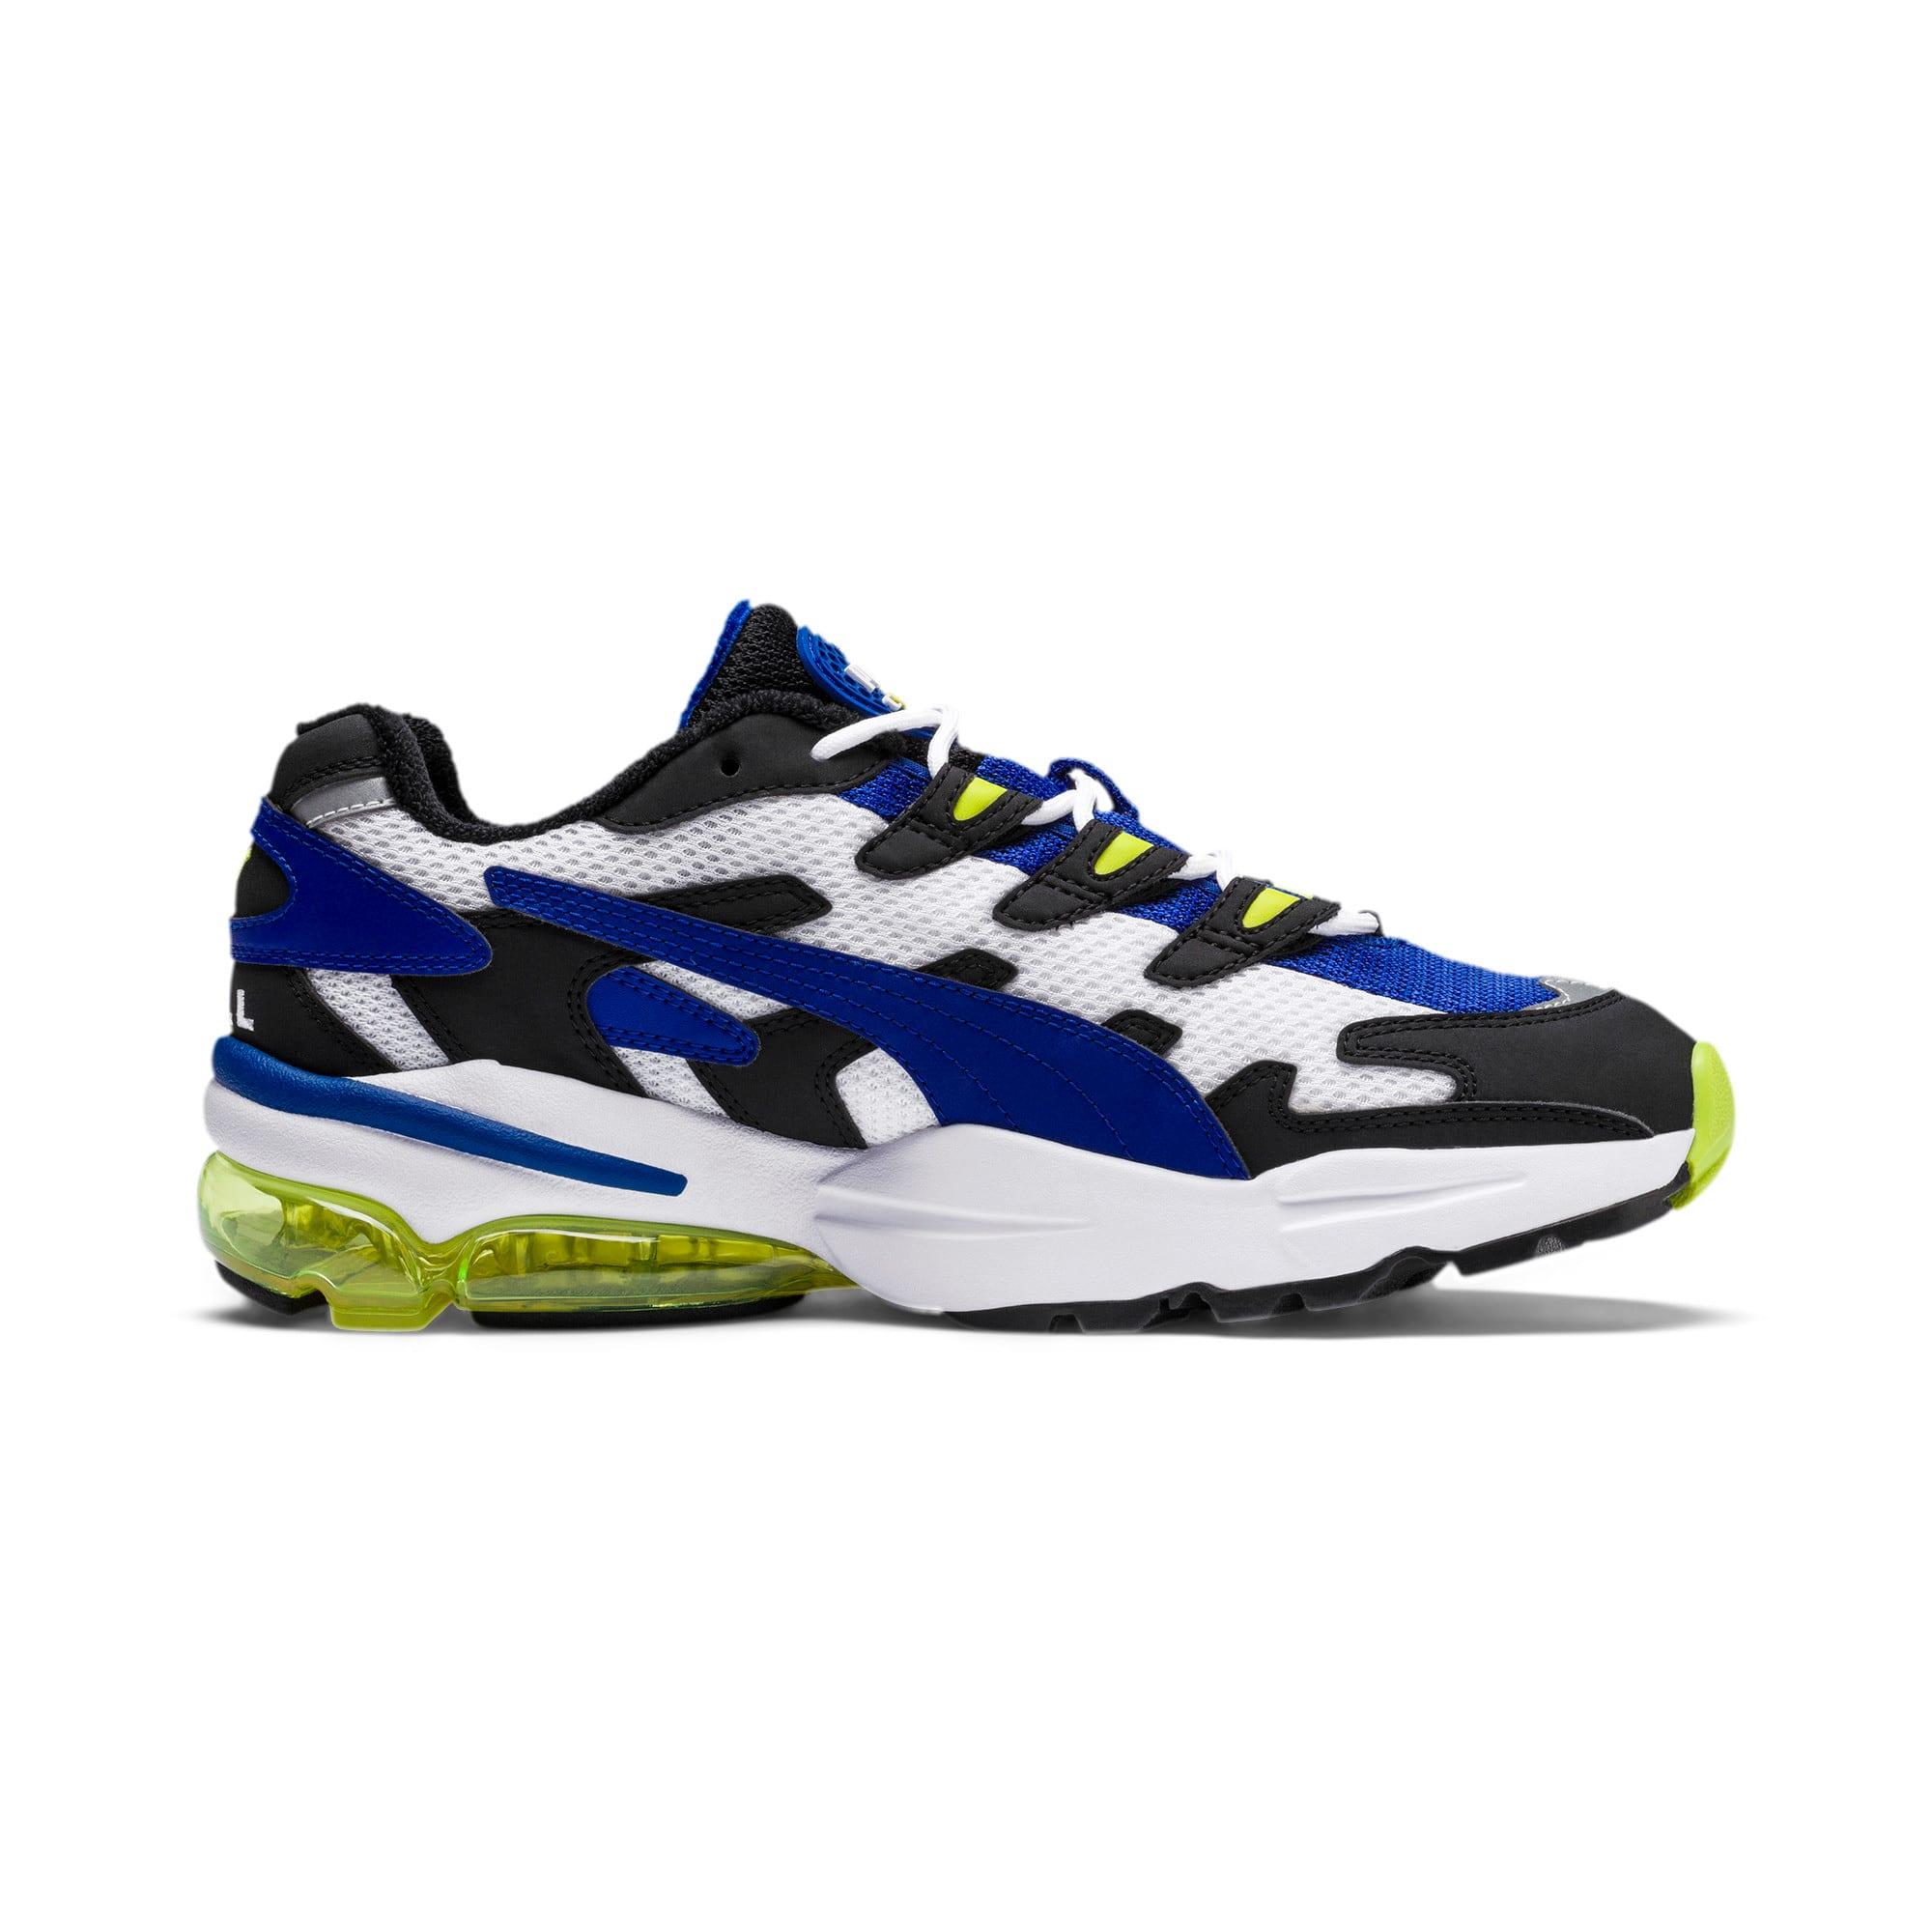 Miniatura 6 de Zapatos deportivos CELL Alien OG, Puma Black-Surf The Web, mediano